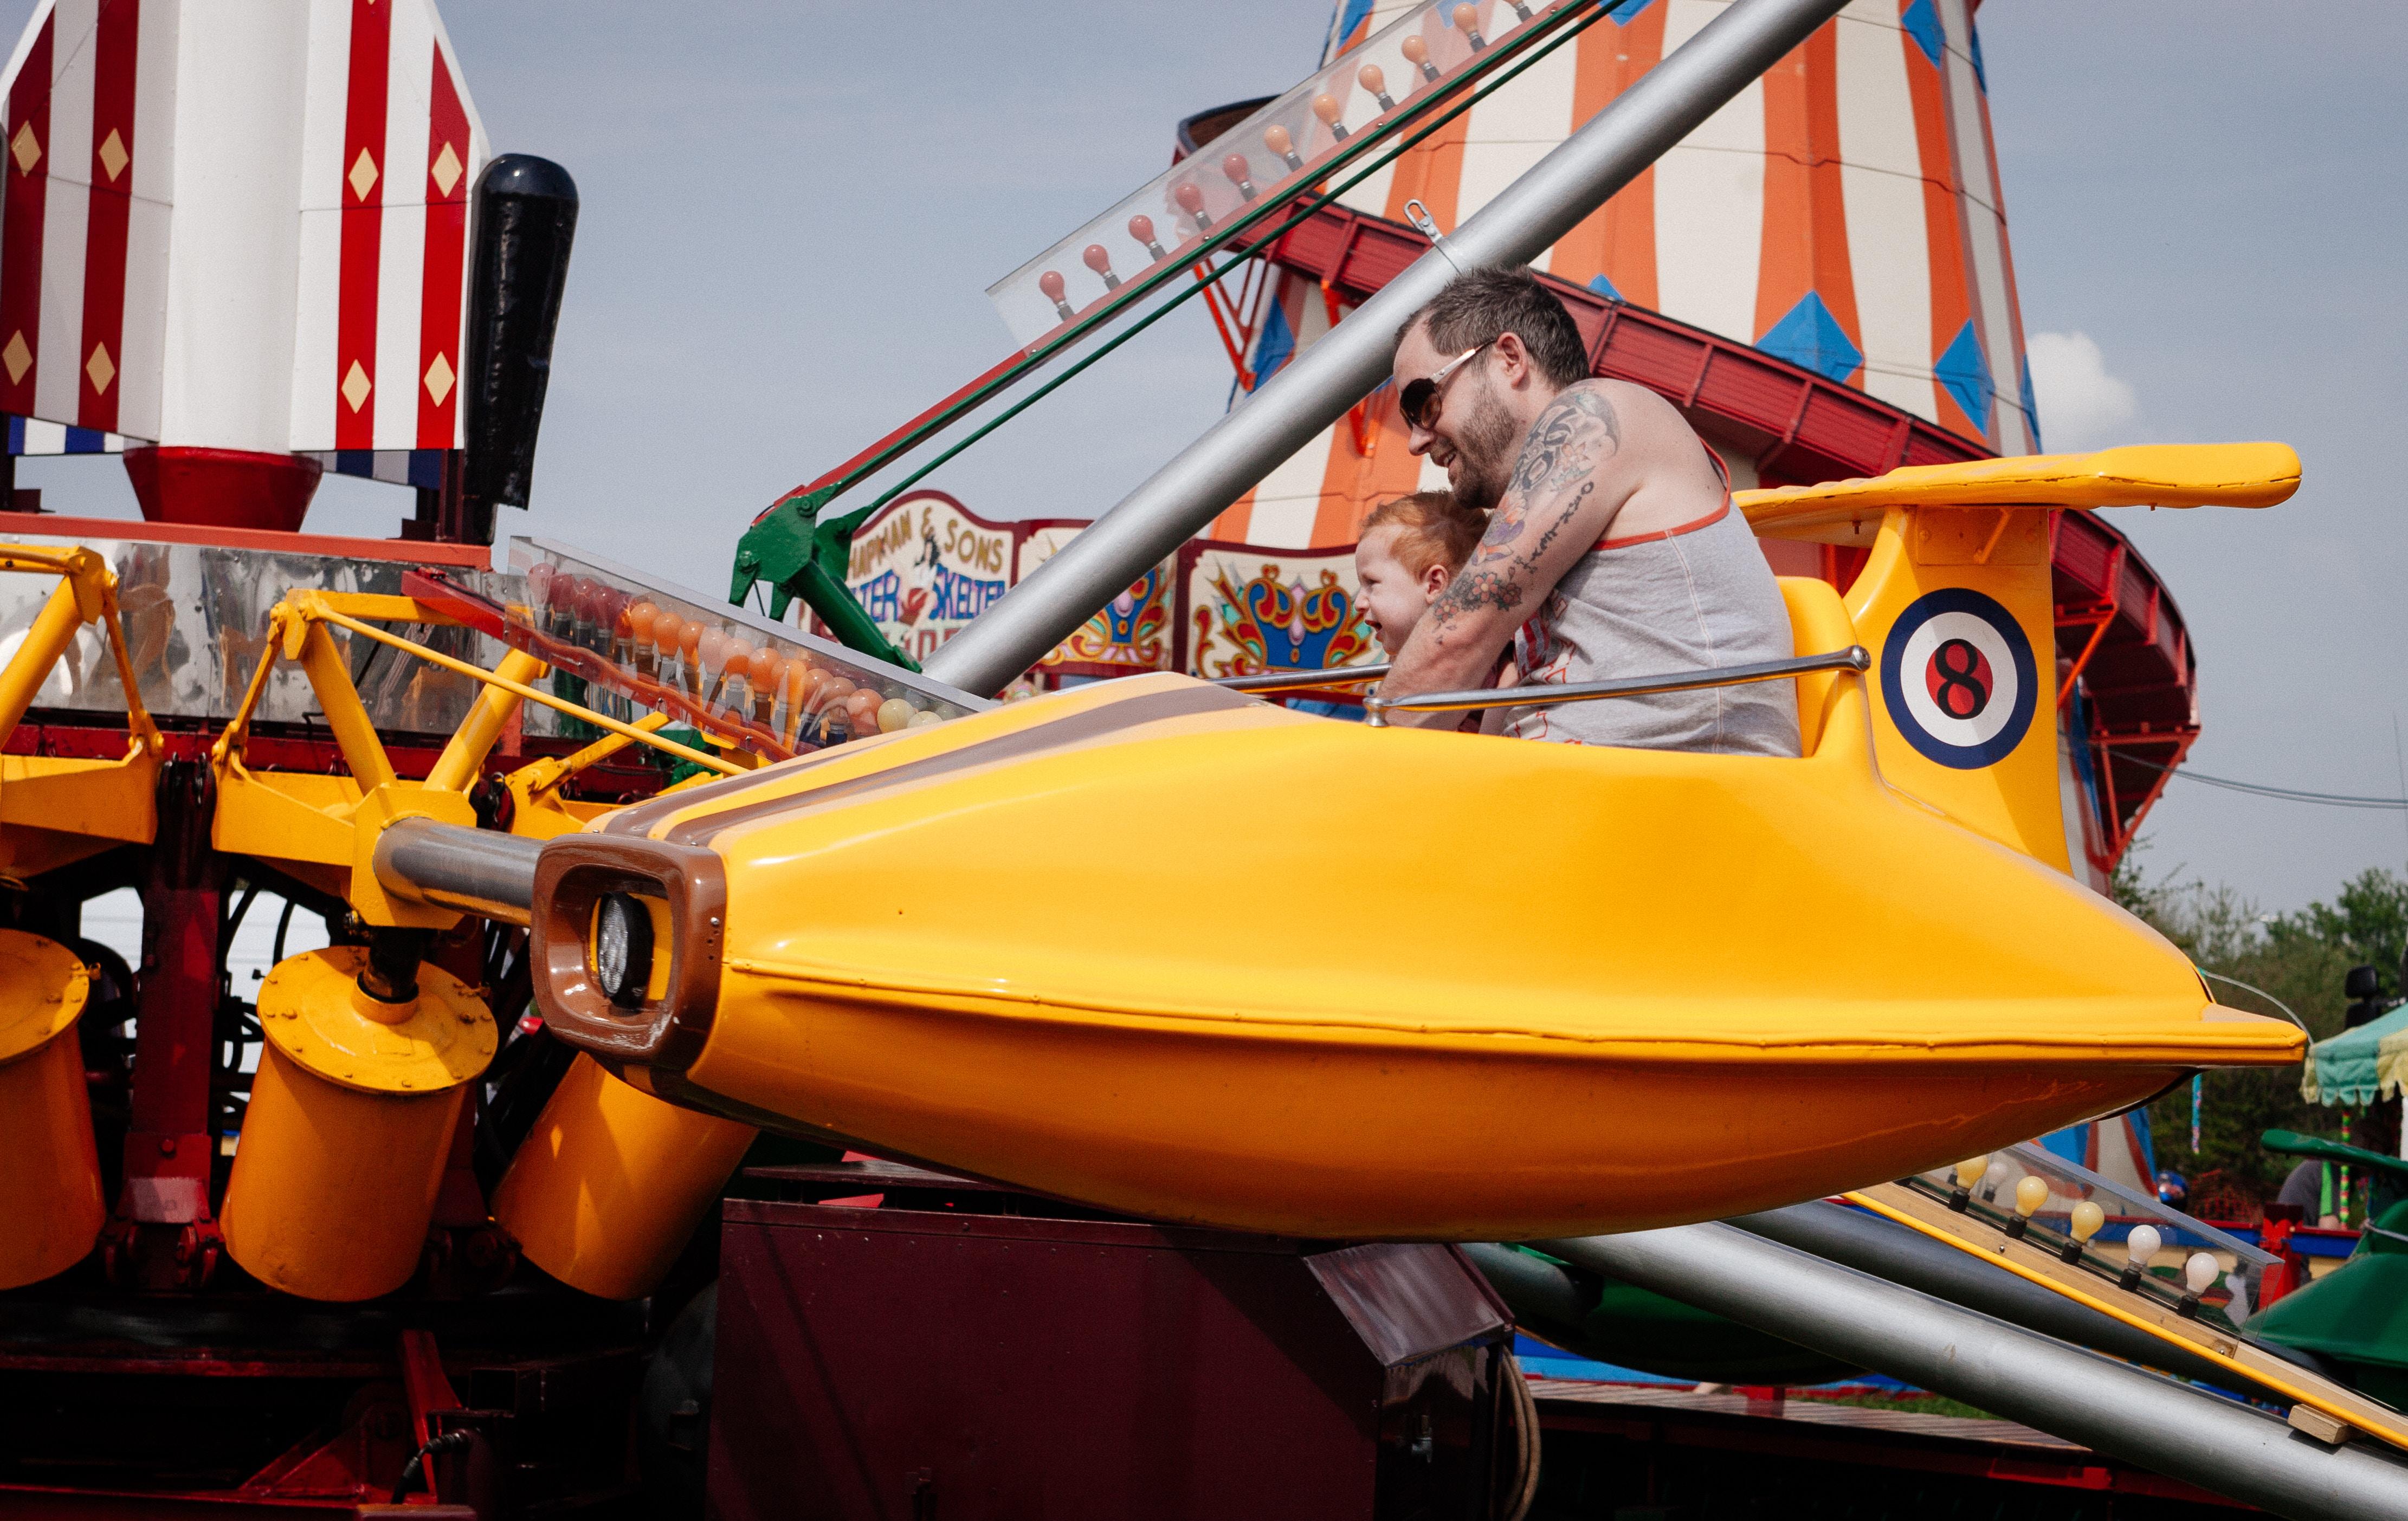 Vater und Sohn im Karussell